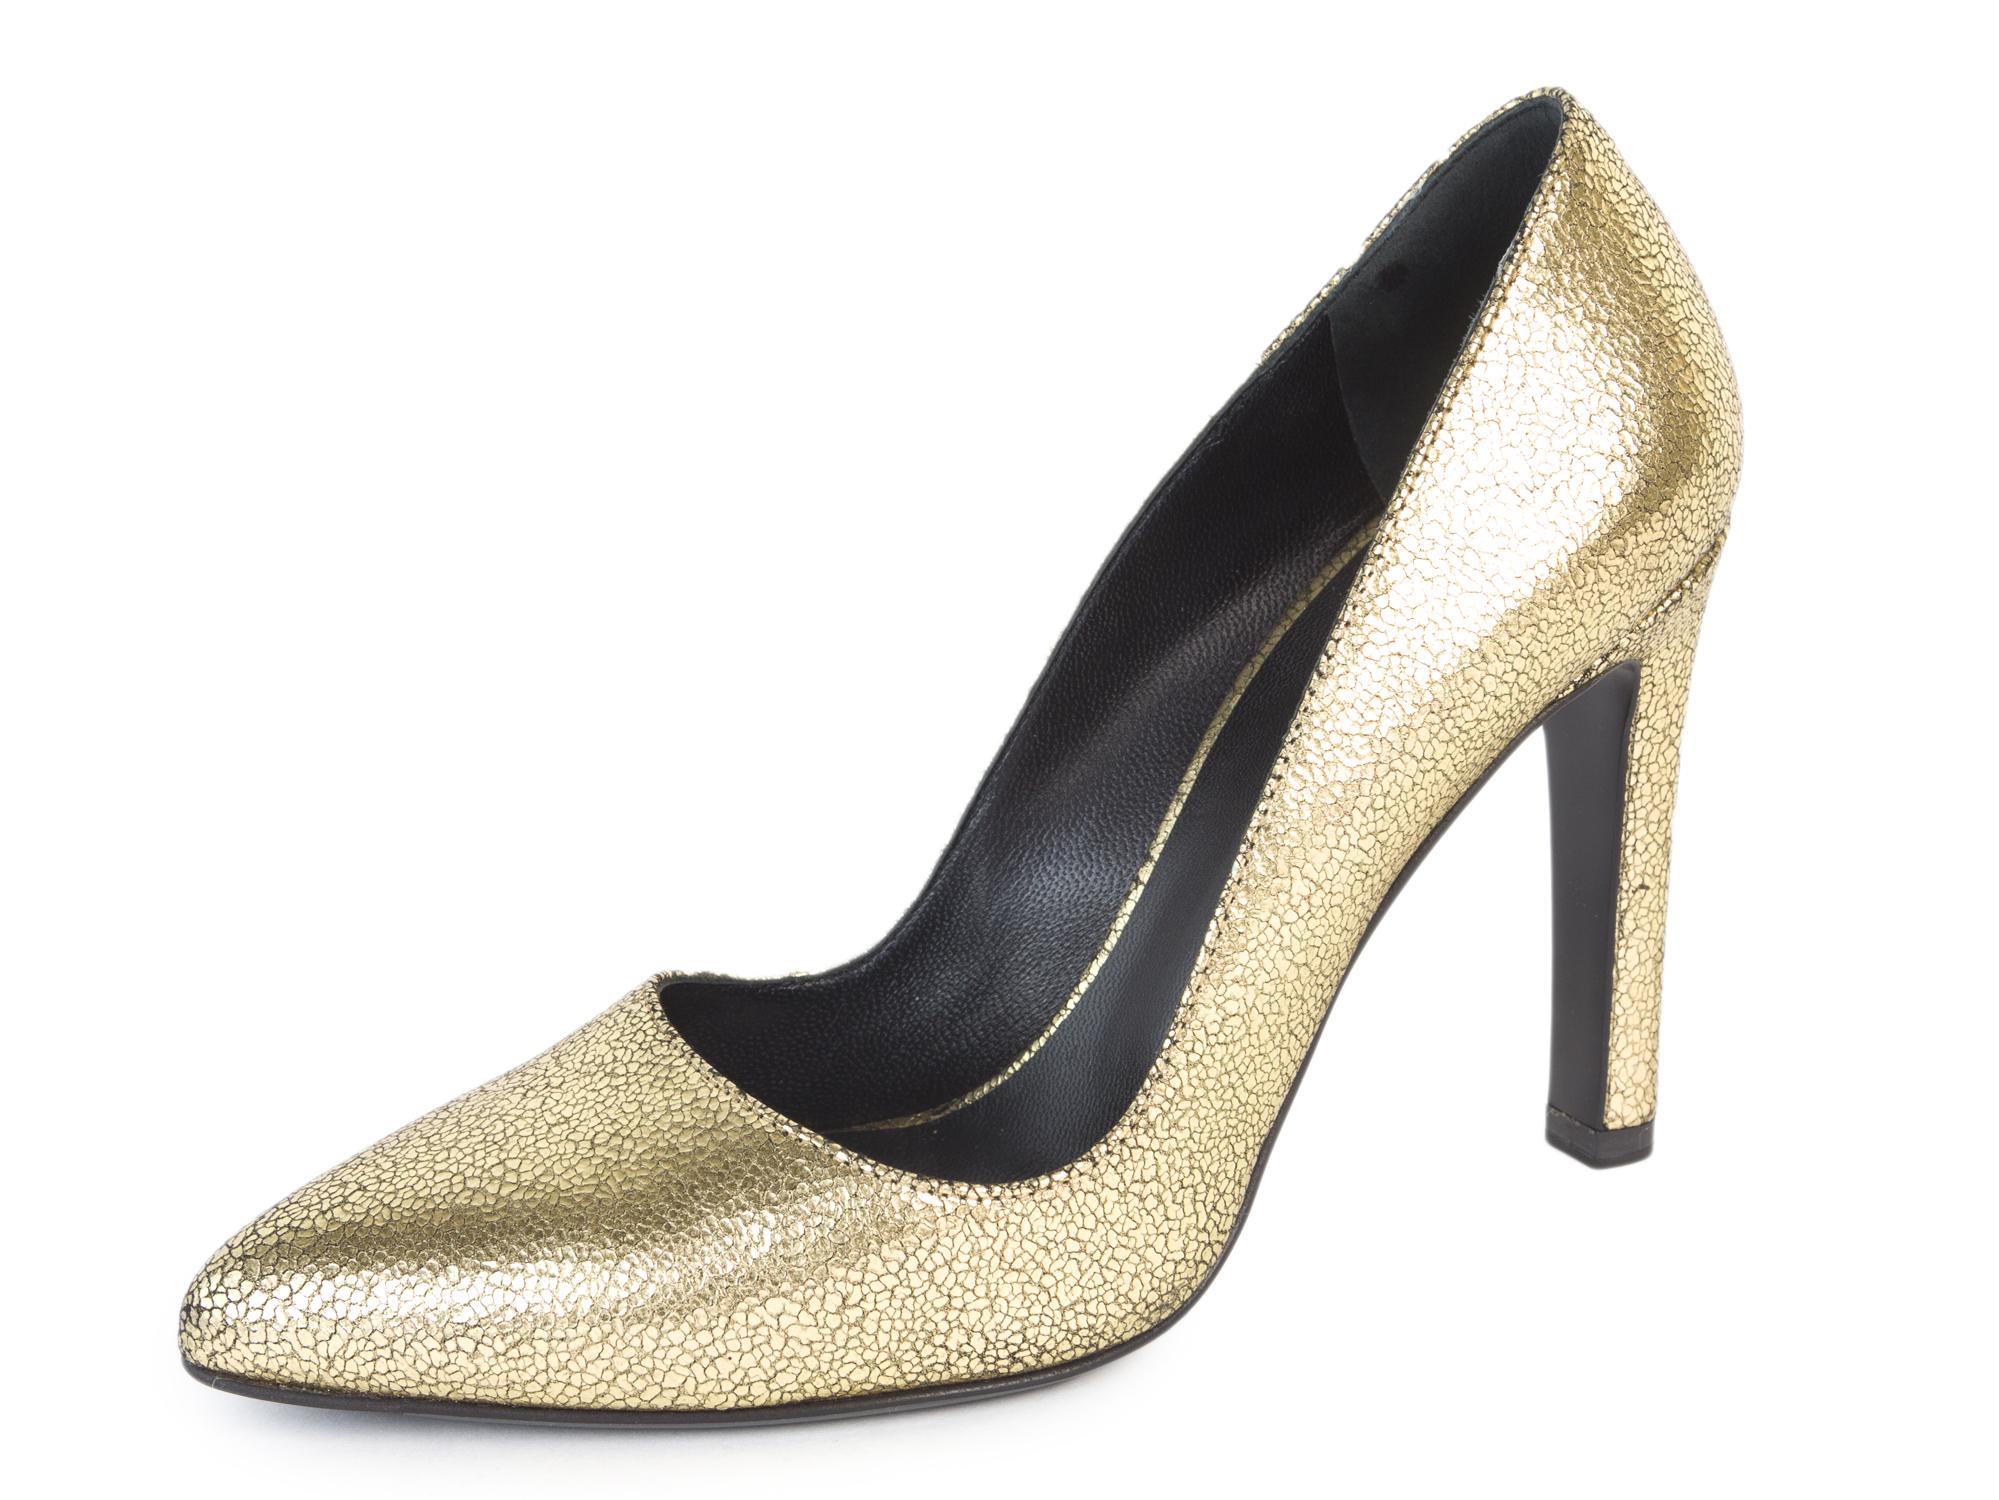 ef4898b7d0e MAX MARA Women s Zufolo Metallic Gold Leather Pumps US 6   IT 36  535 NIB